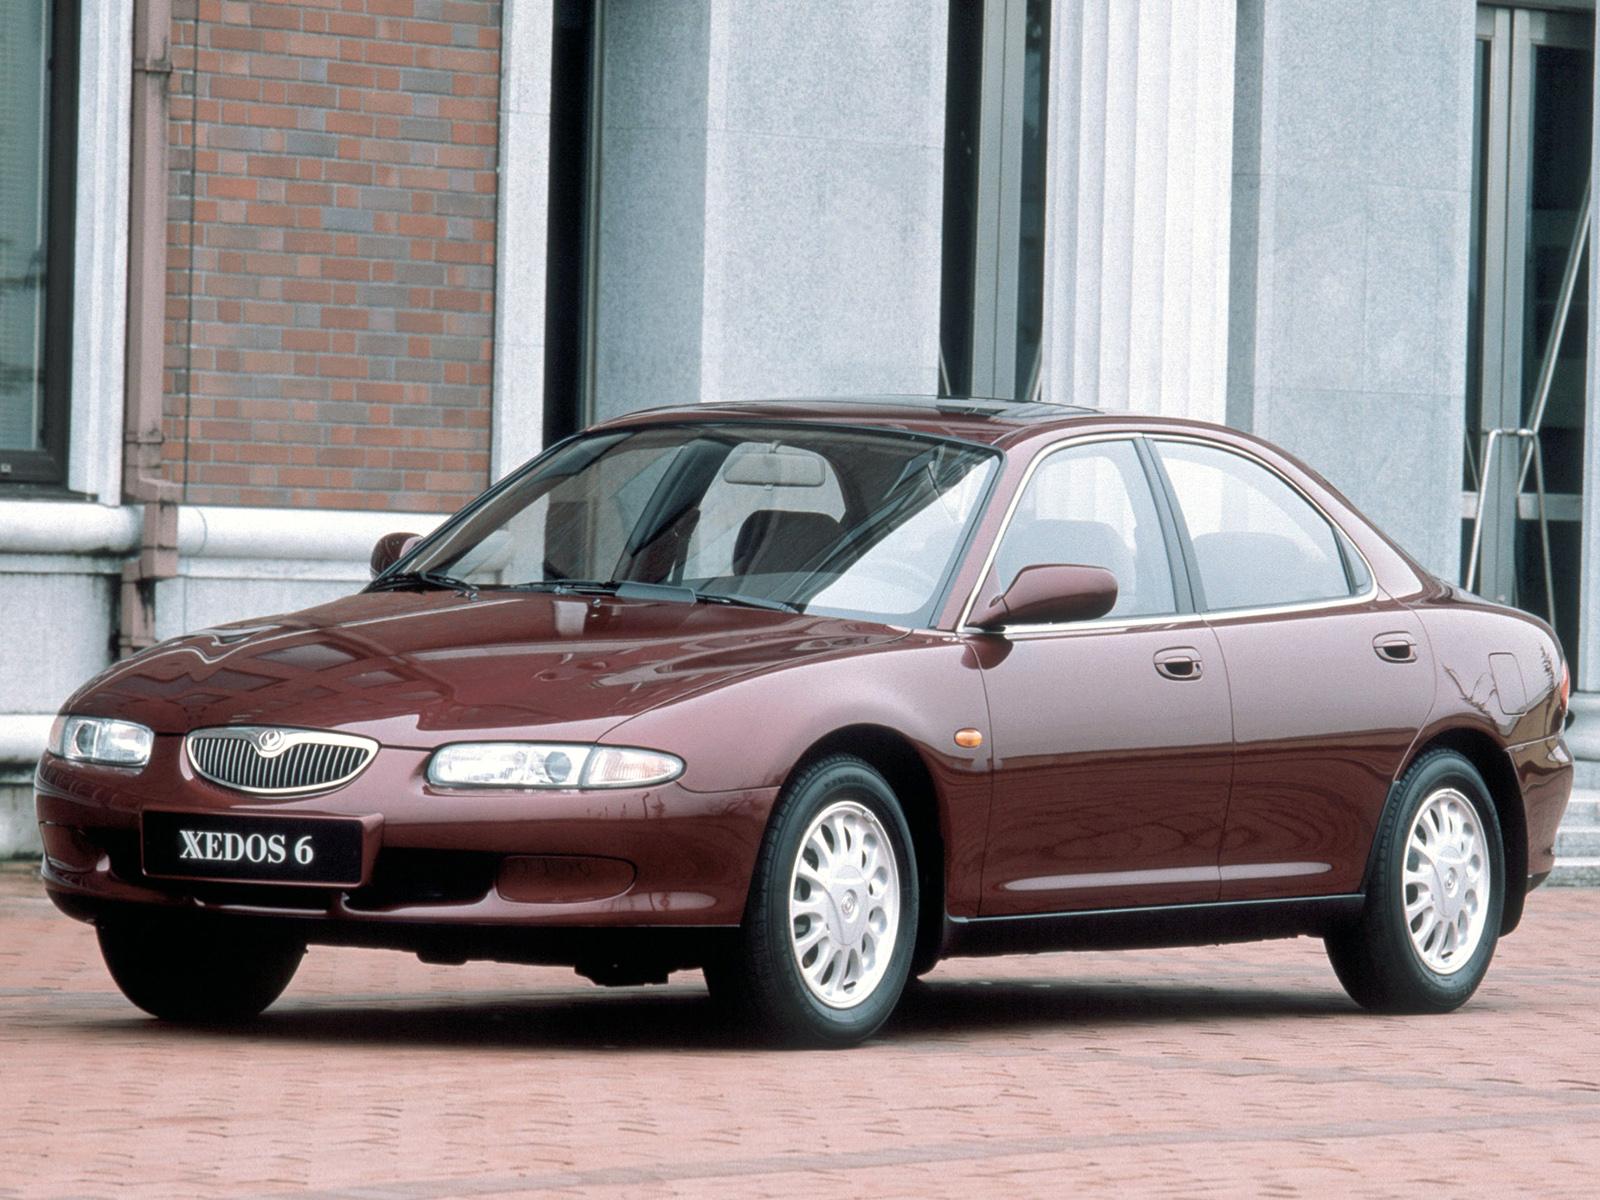 Скачать мануал по эксплуатации Mazda Xedos 6. Руководство пользователя